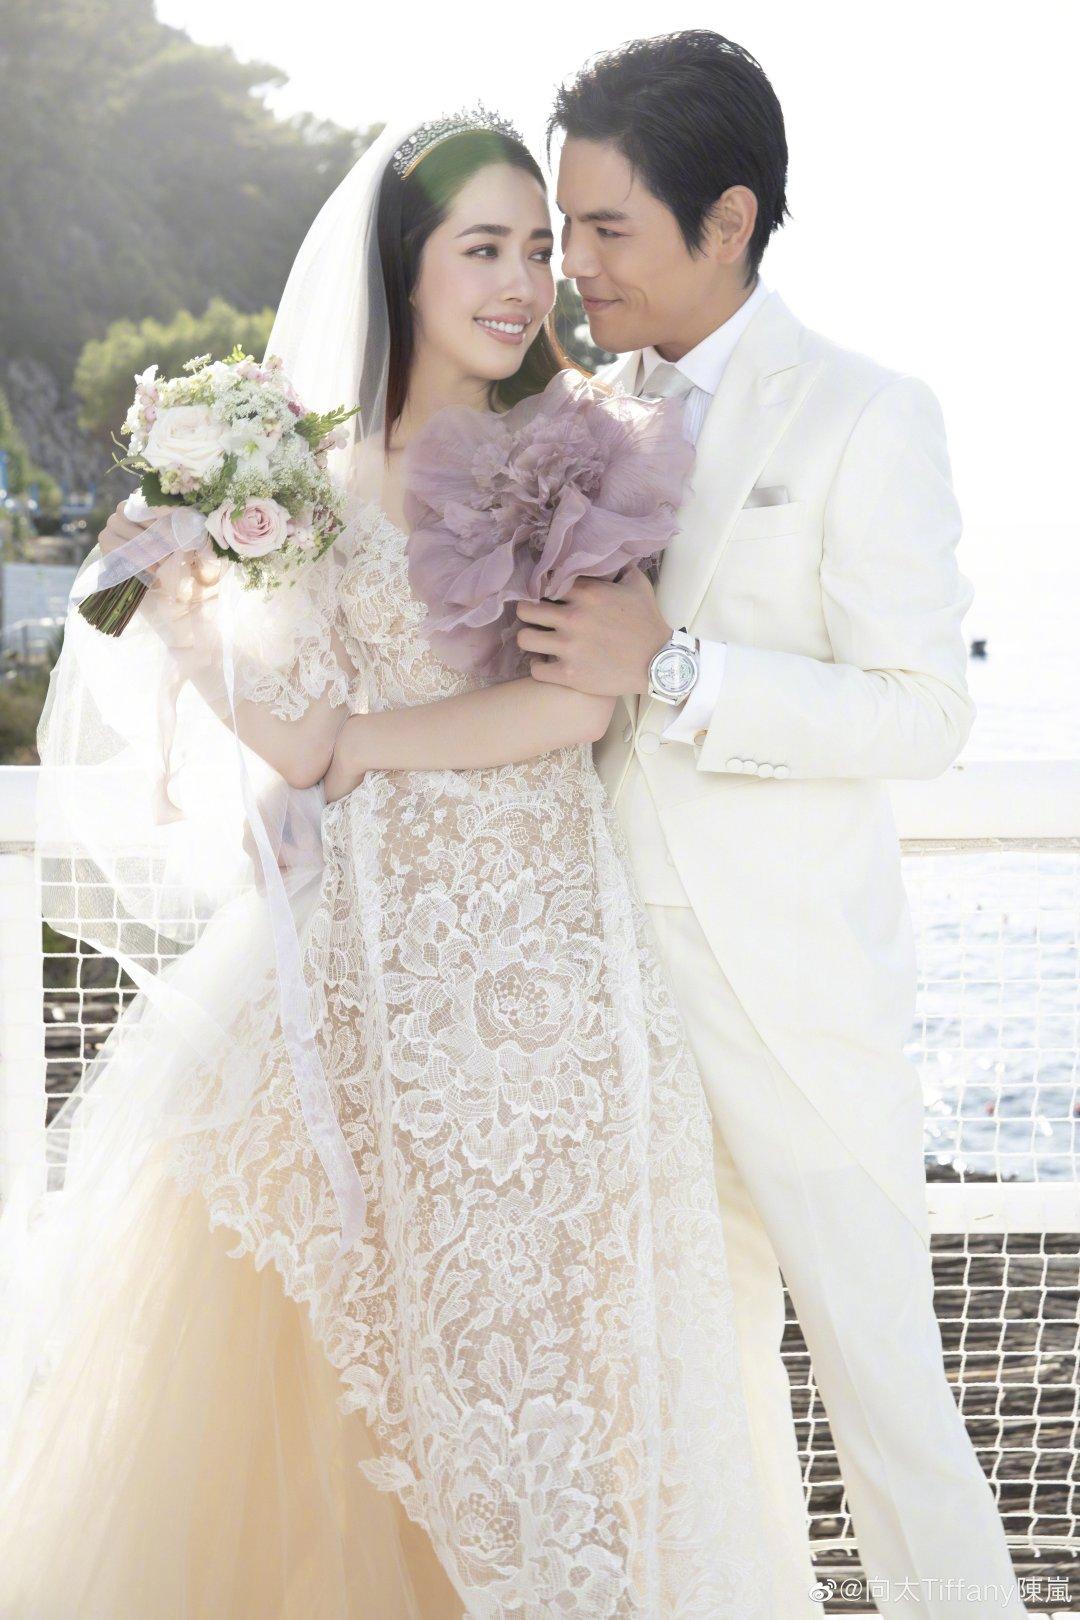 向佐郭碧婷婚礼现场照曝光,郭爸爸的表情成亮点,是嫁女儿没错了